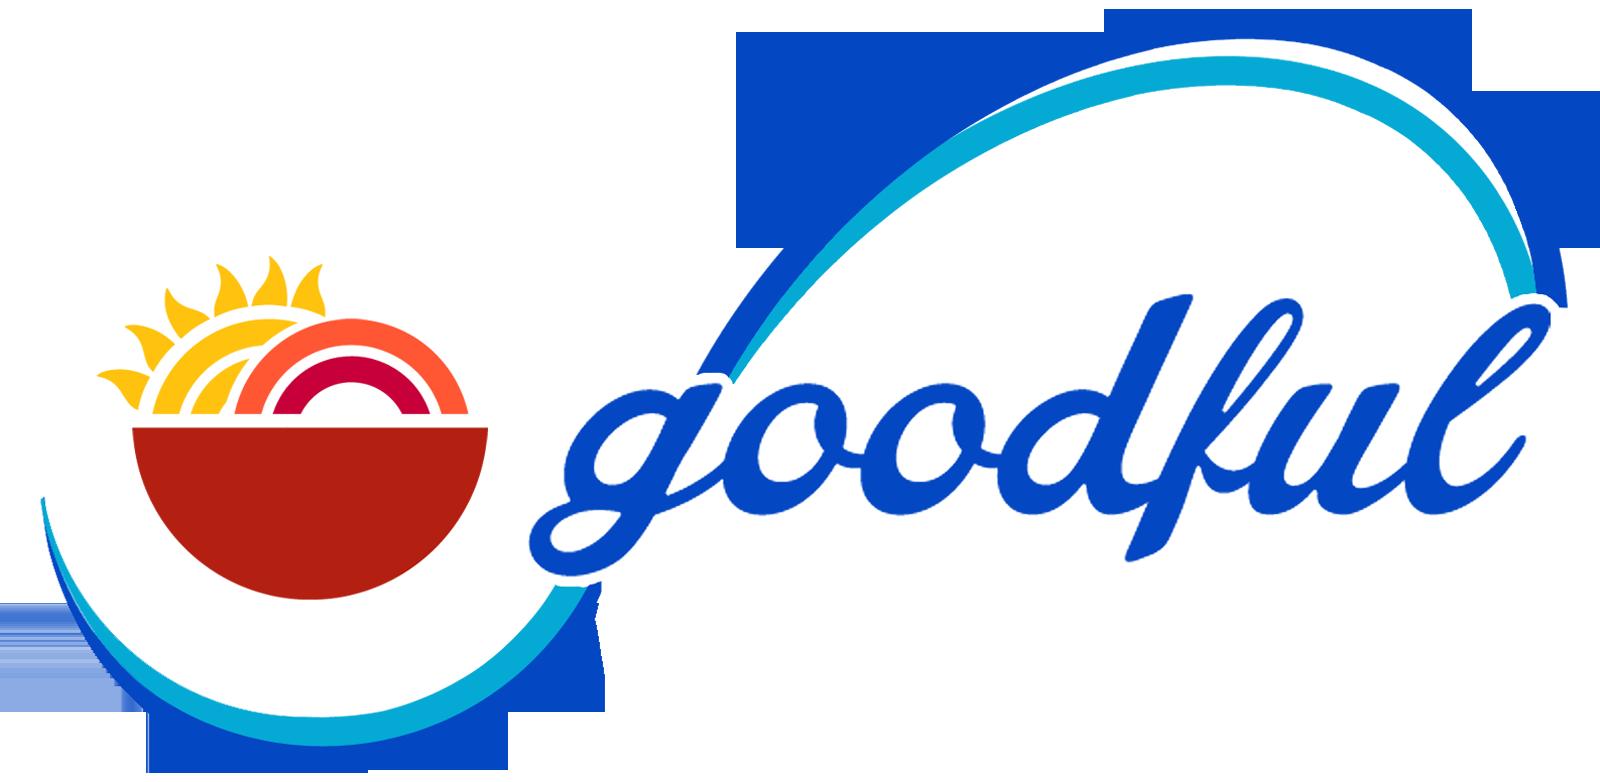 Goodful-logo-banner_v3